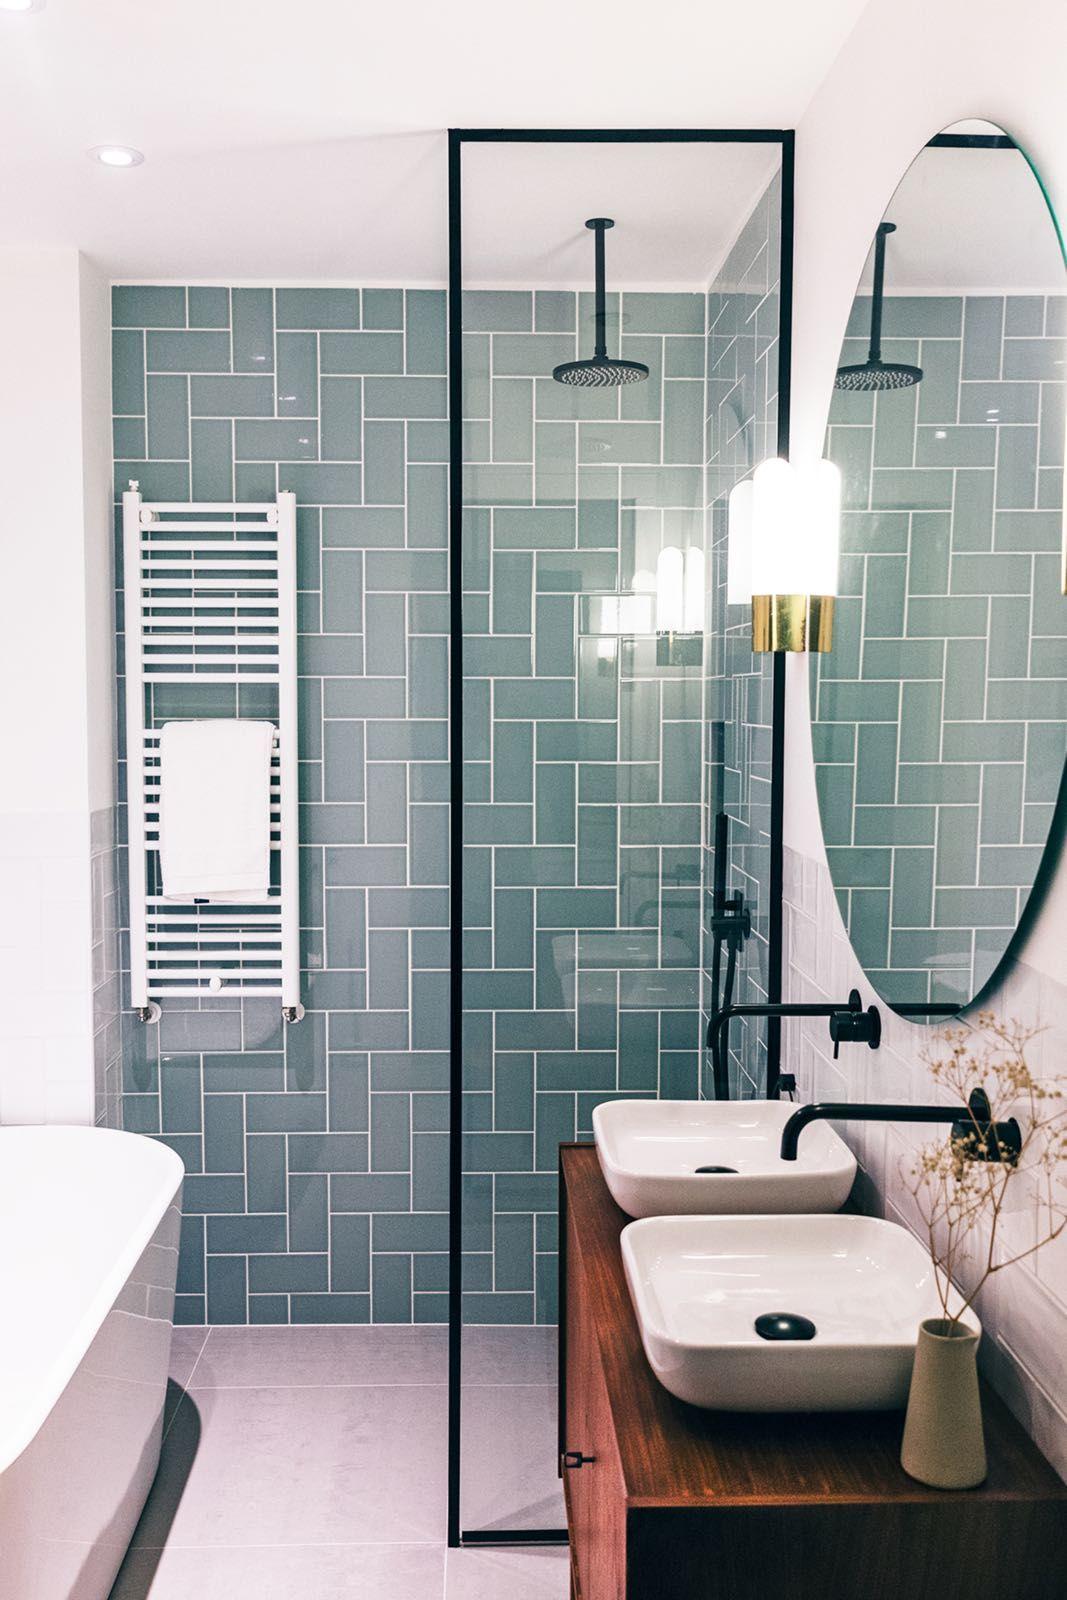 Salle De Bain Equipee Leroy Merlin ~ agencement d une petite salle de bains au style scandinave d co